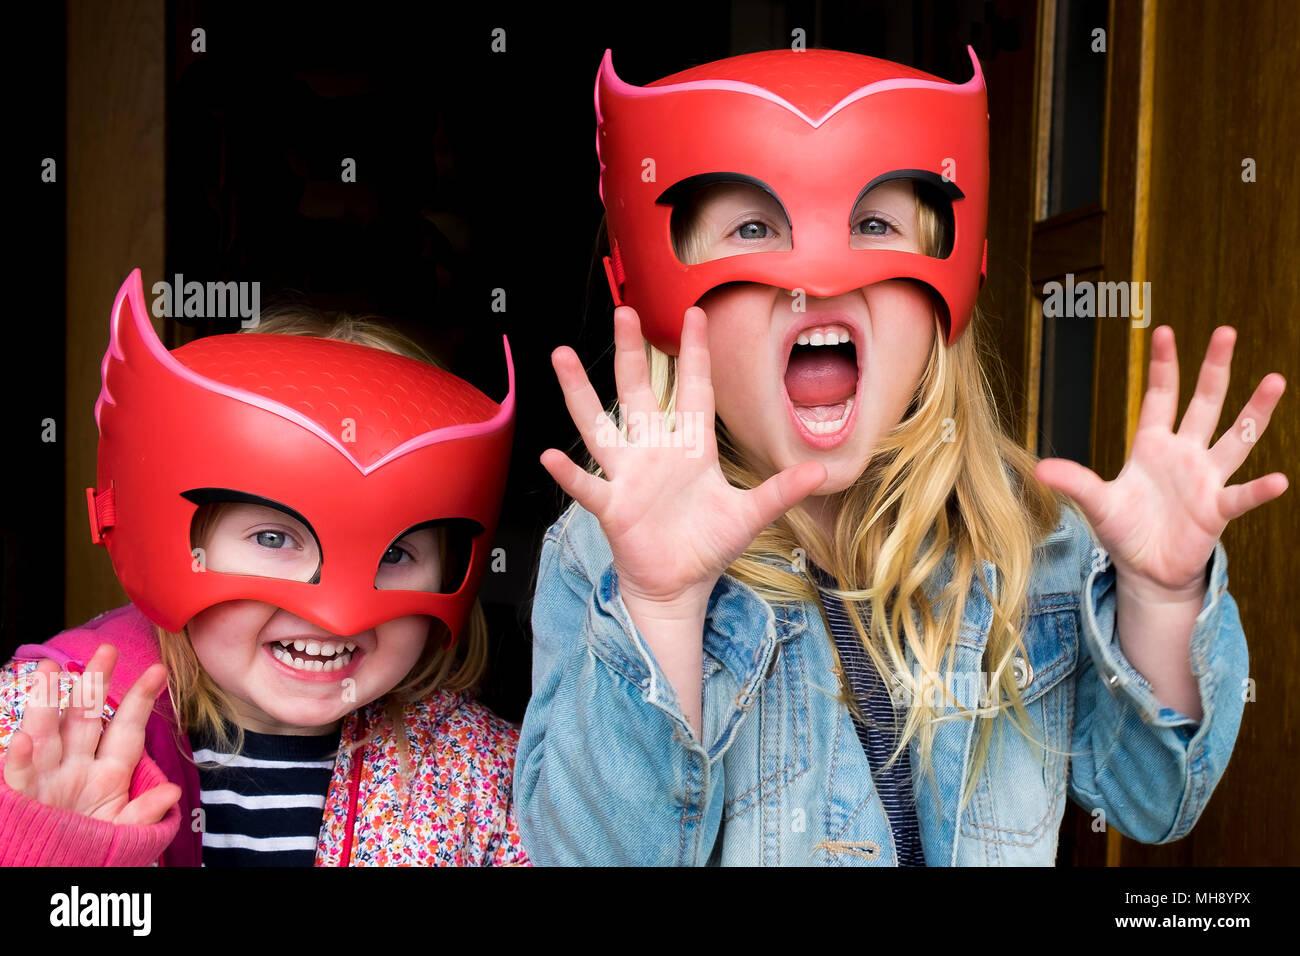 Children having fun wearing masks. - Stock Image